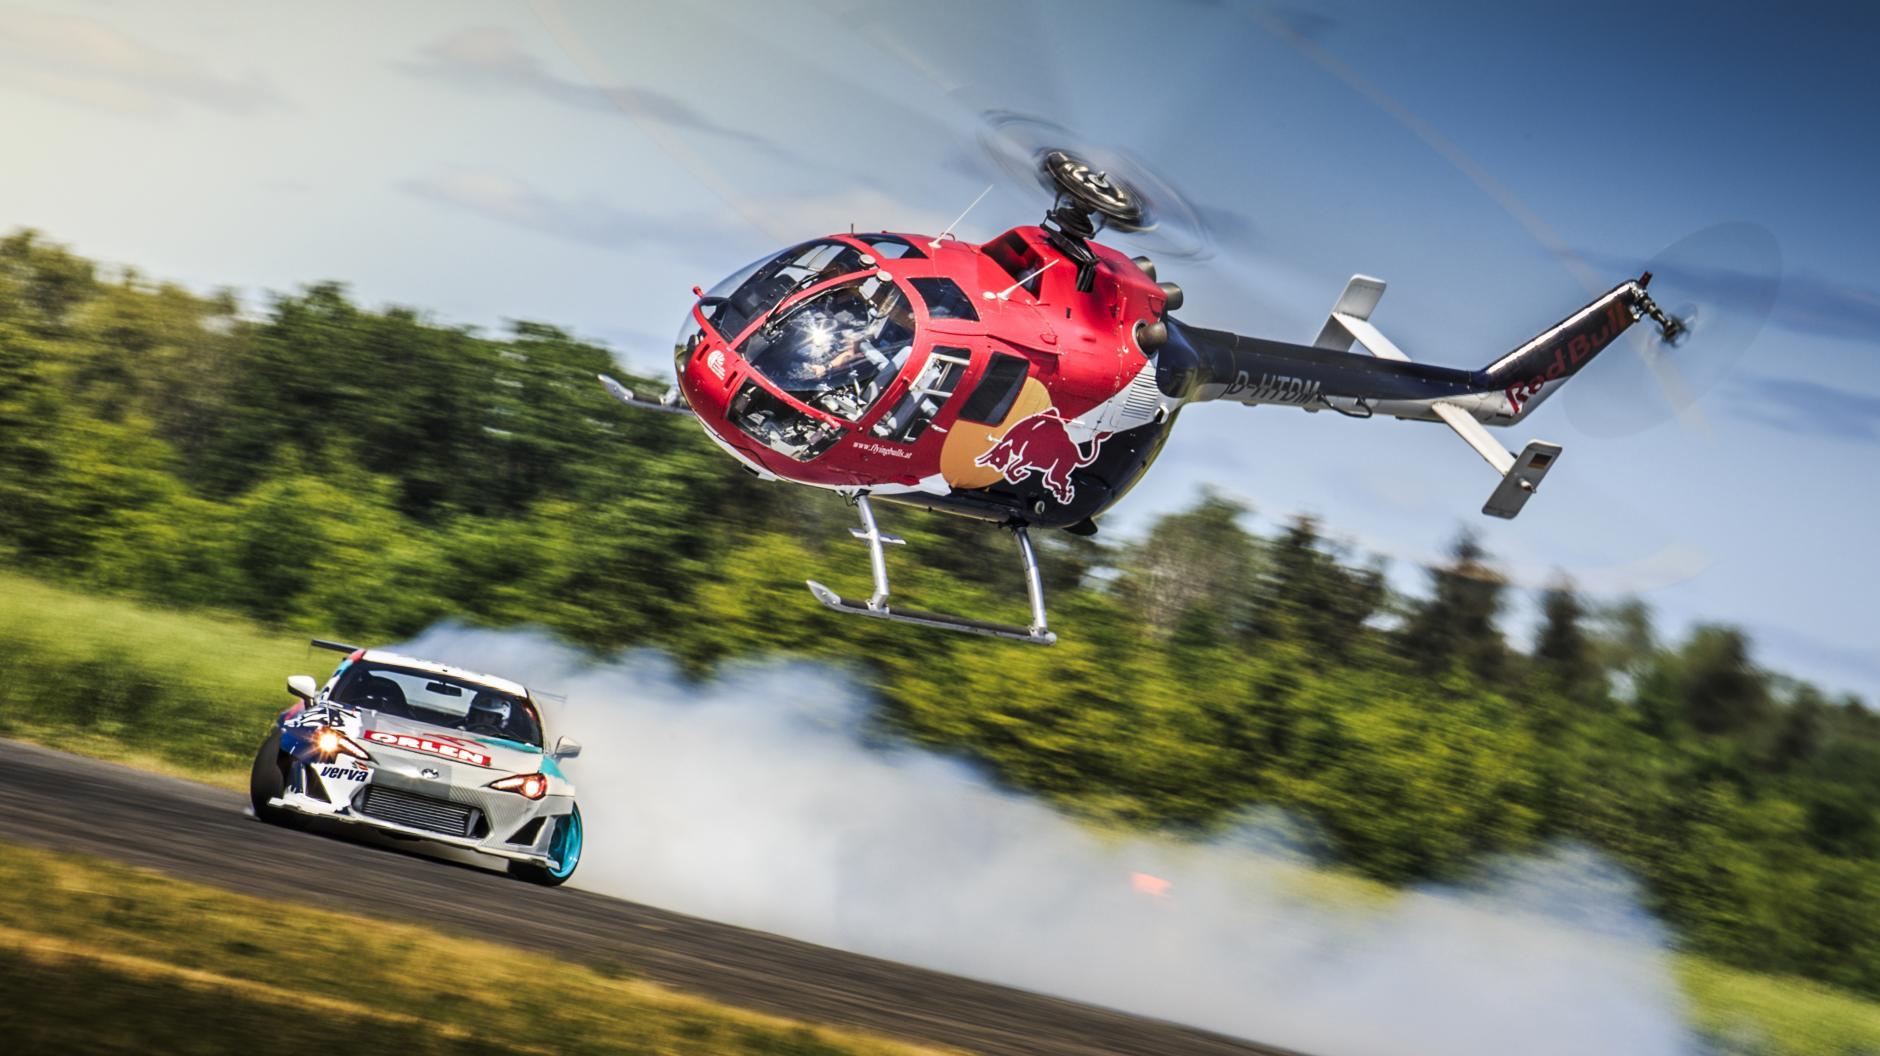 Así se derrapa con un helicóptero (vídeo y fotos)